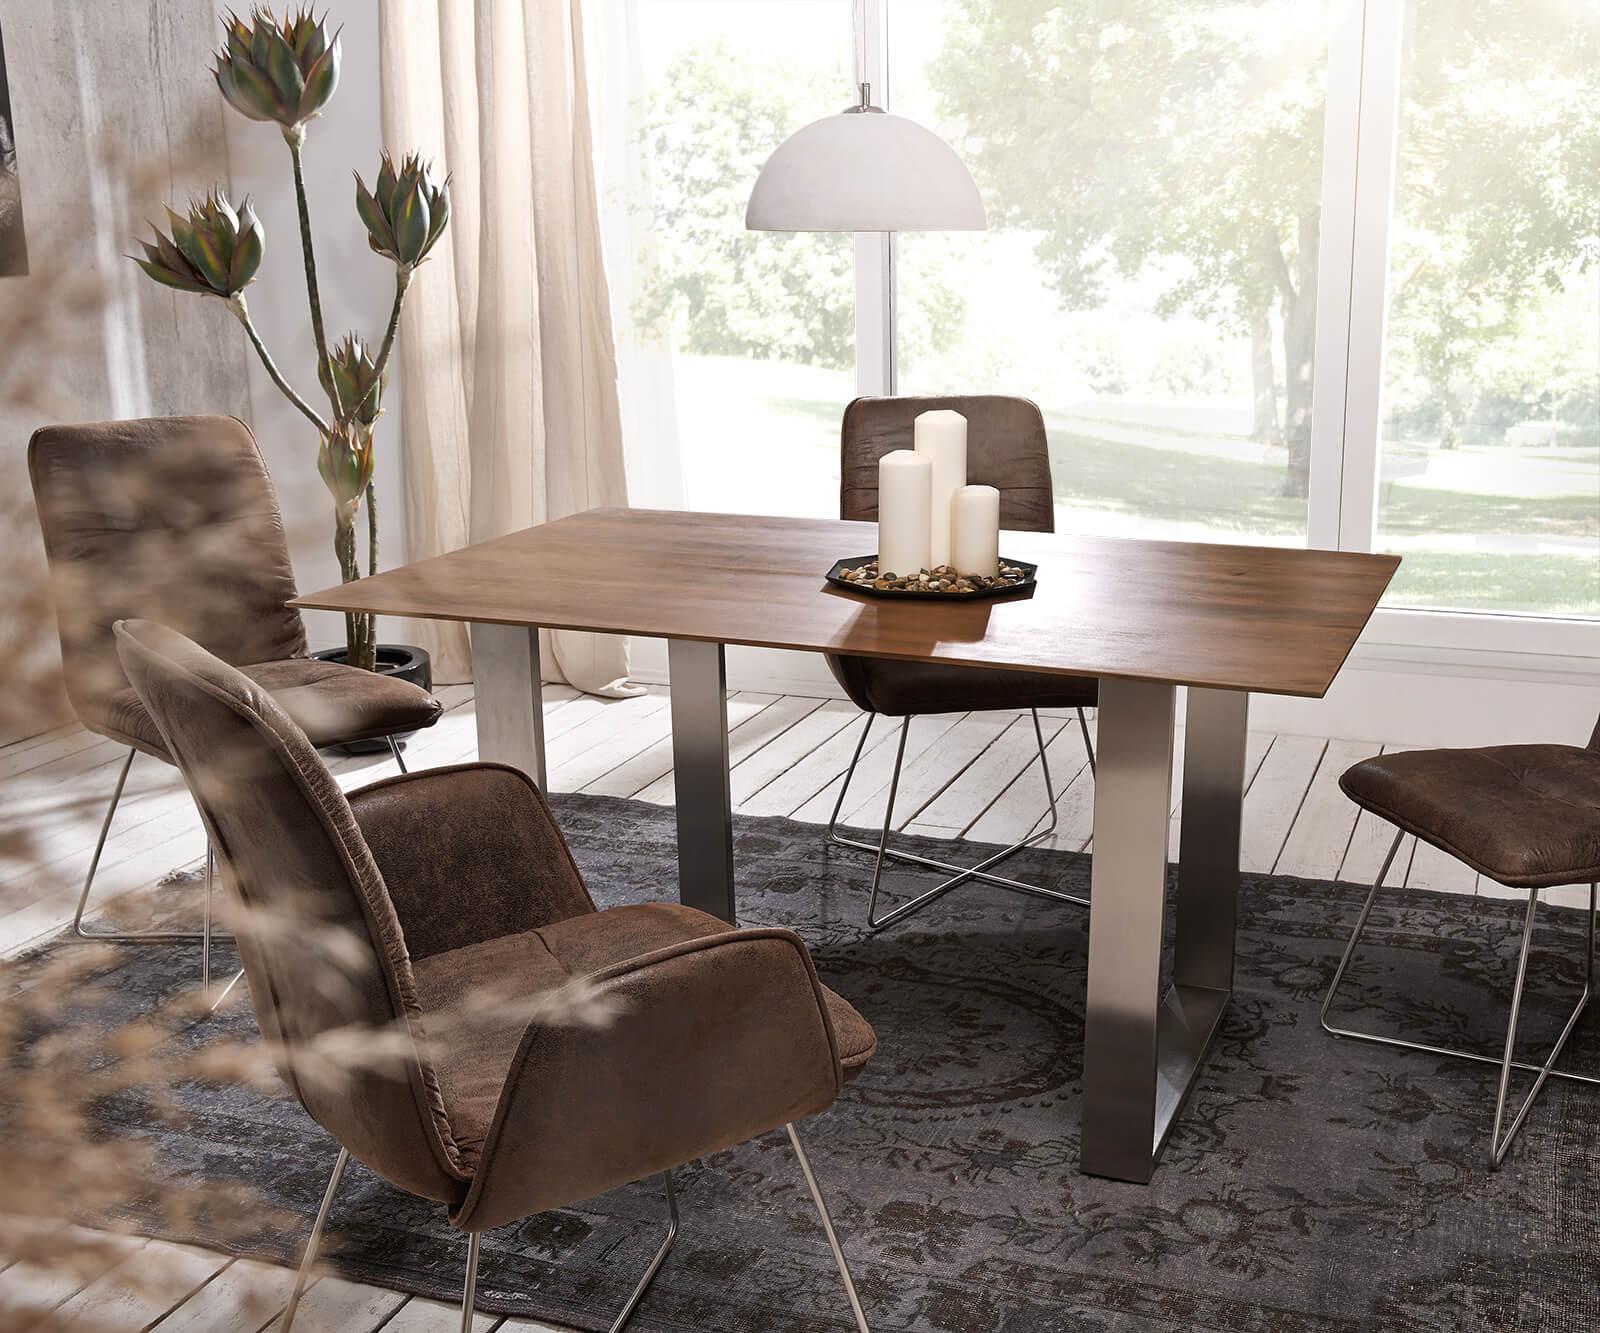 Esstische aus Akazienholz von rustikal über modern bis zeitlos für jeden Essbereich